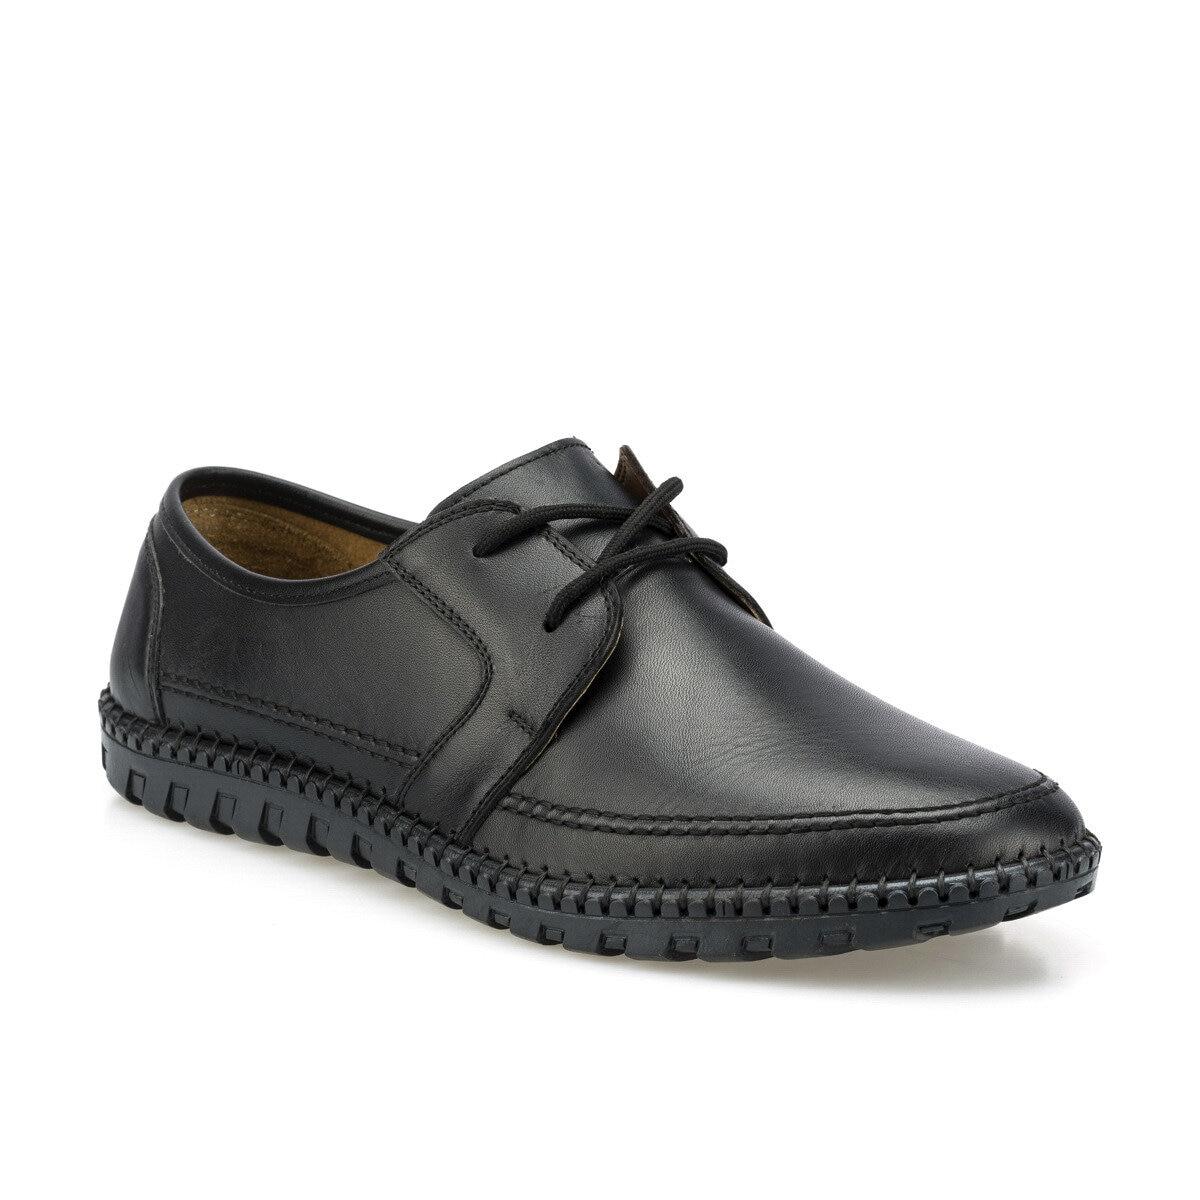 FLO 102093.M Black Men 'S Classic Shoes Polaris 5 Point